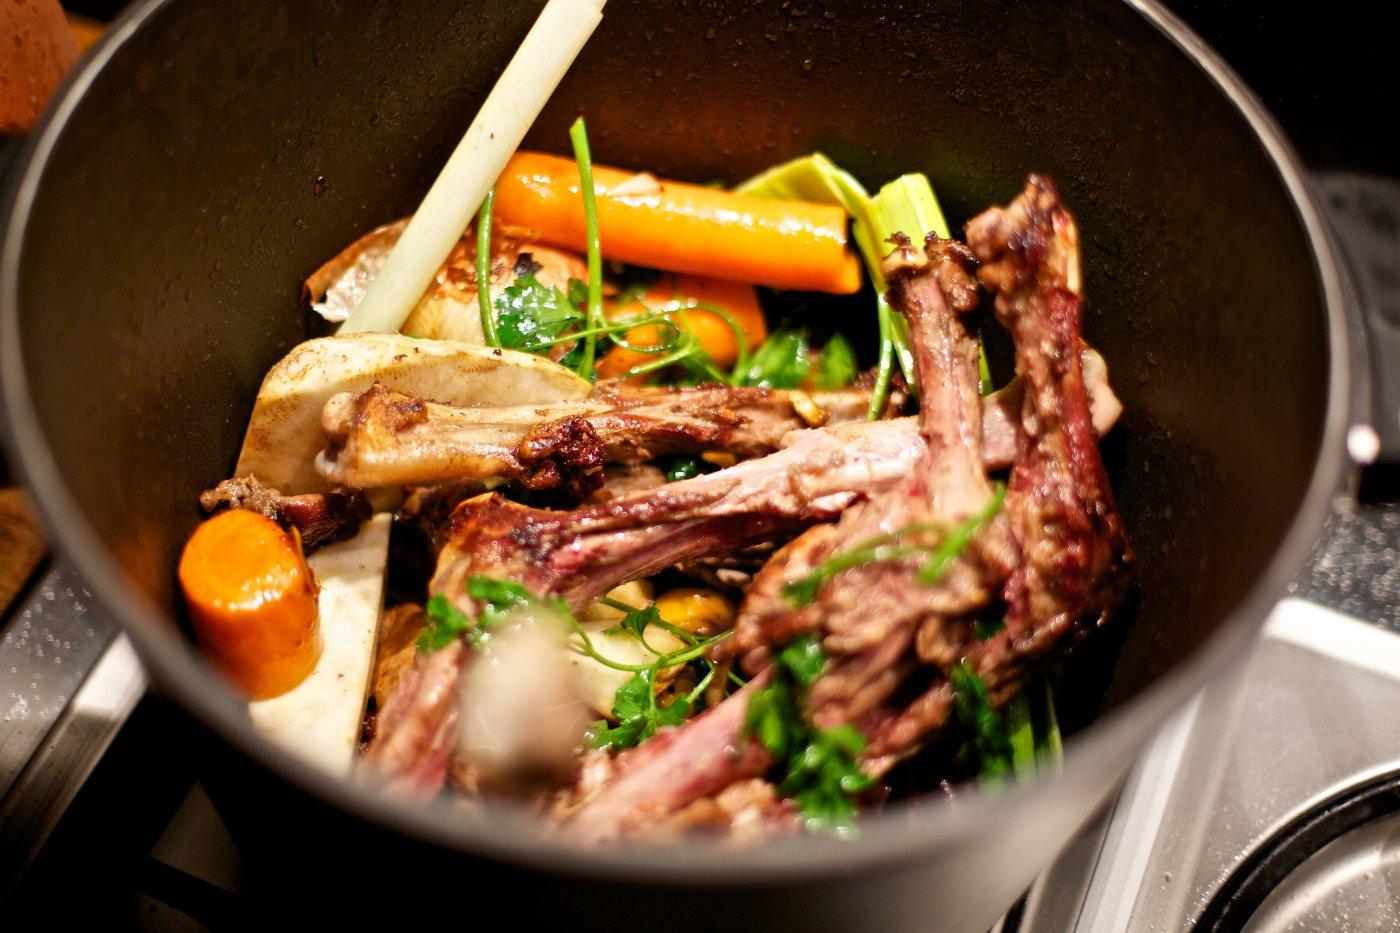 Bœuf bourguignon, le site idéal pour les fans de cuisine